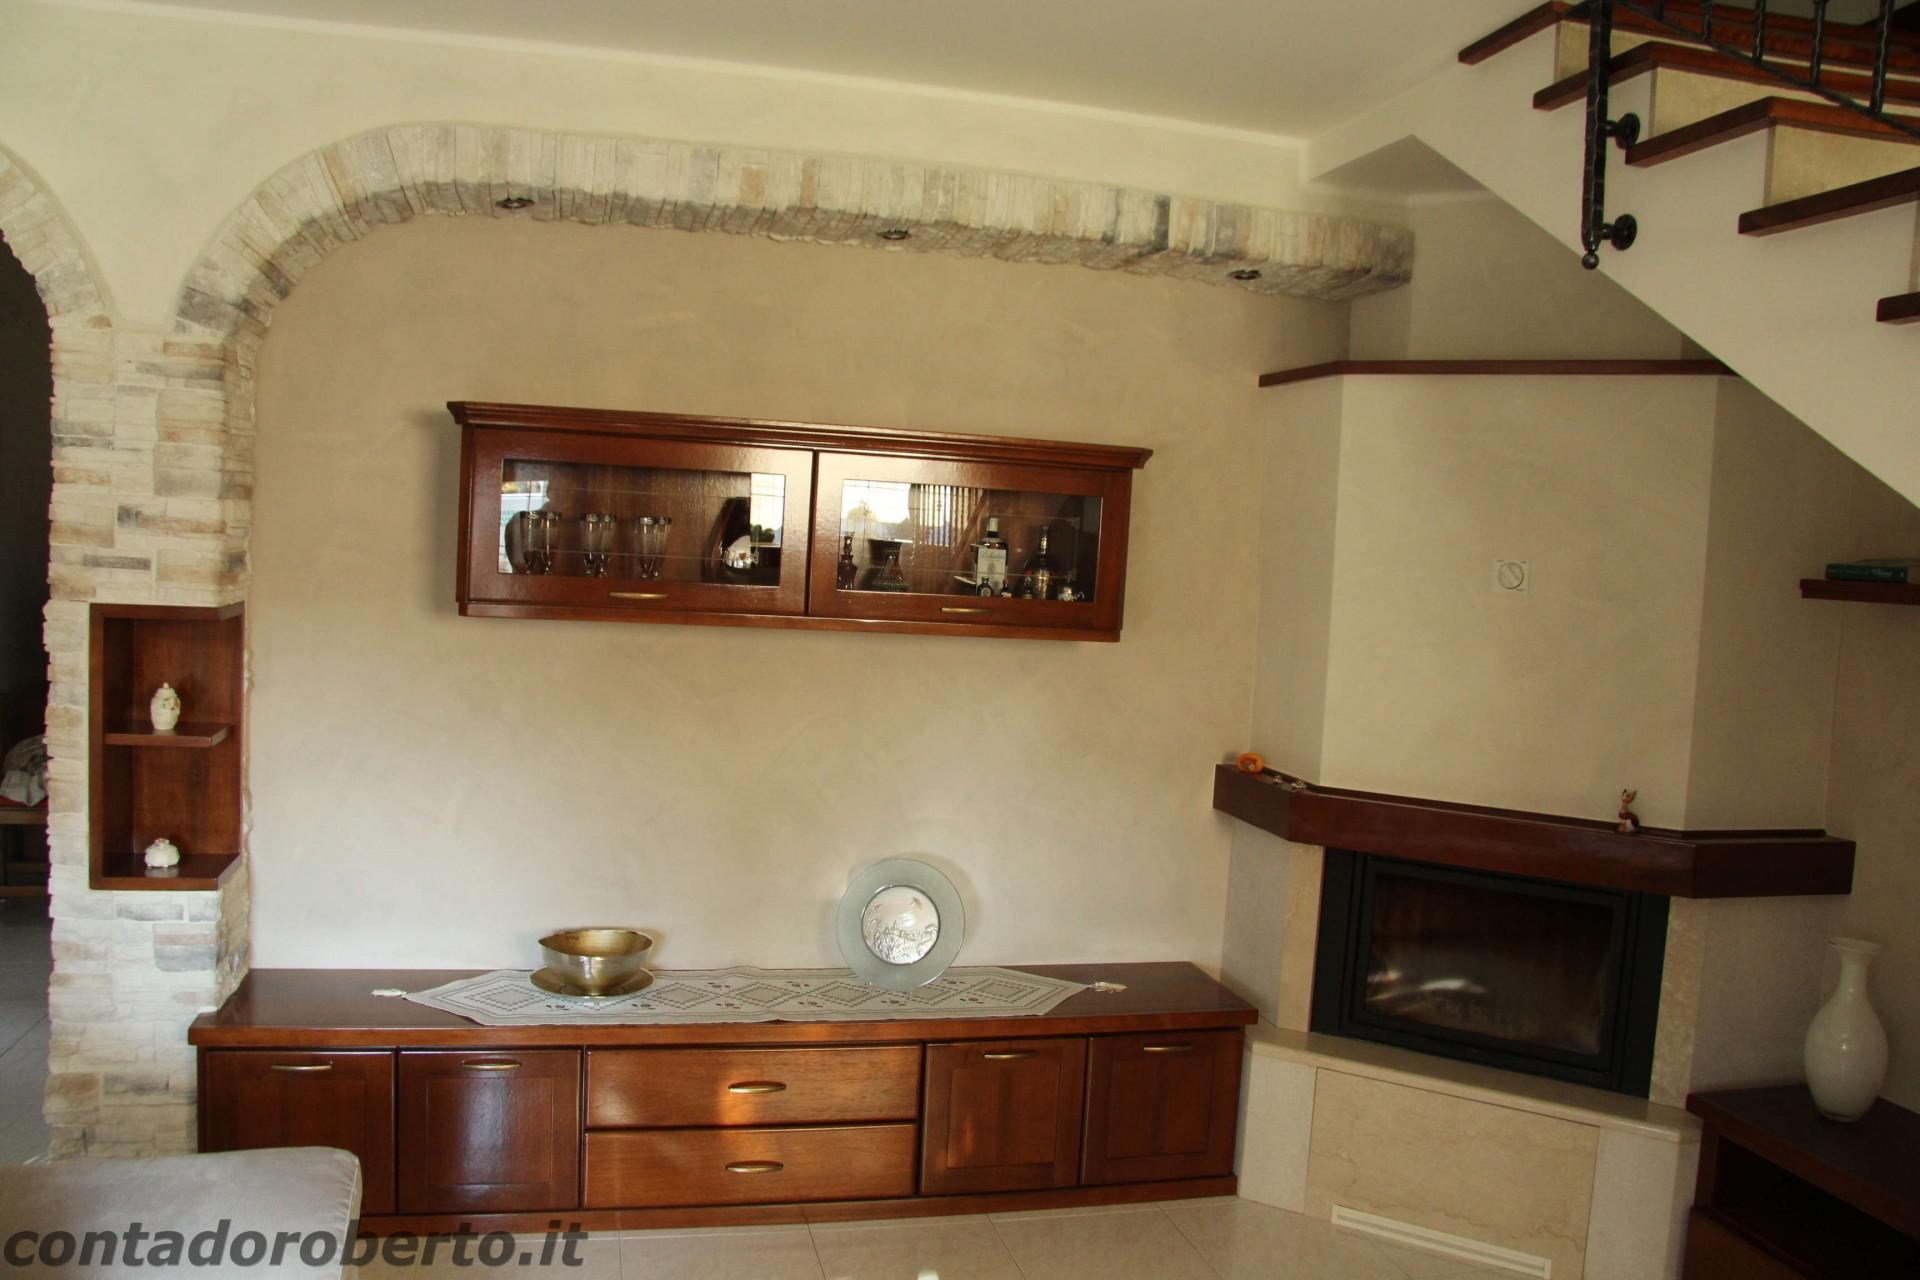 Soggiorno in legno con camino contado roberto group - Cucine con soggiorno ...